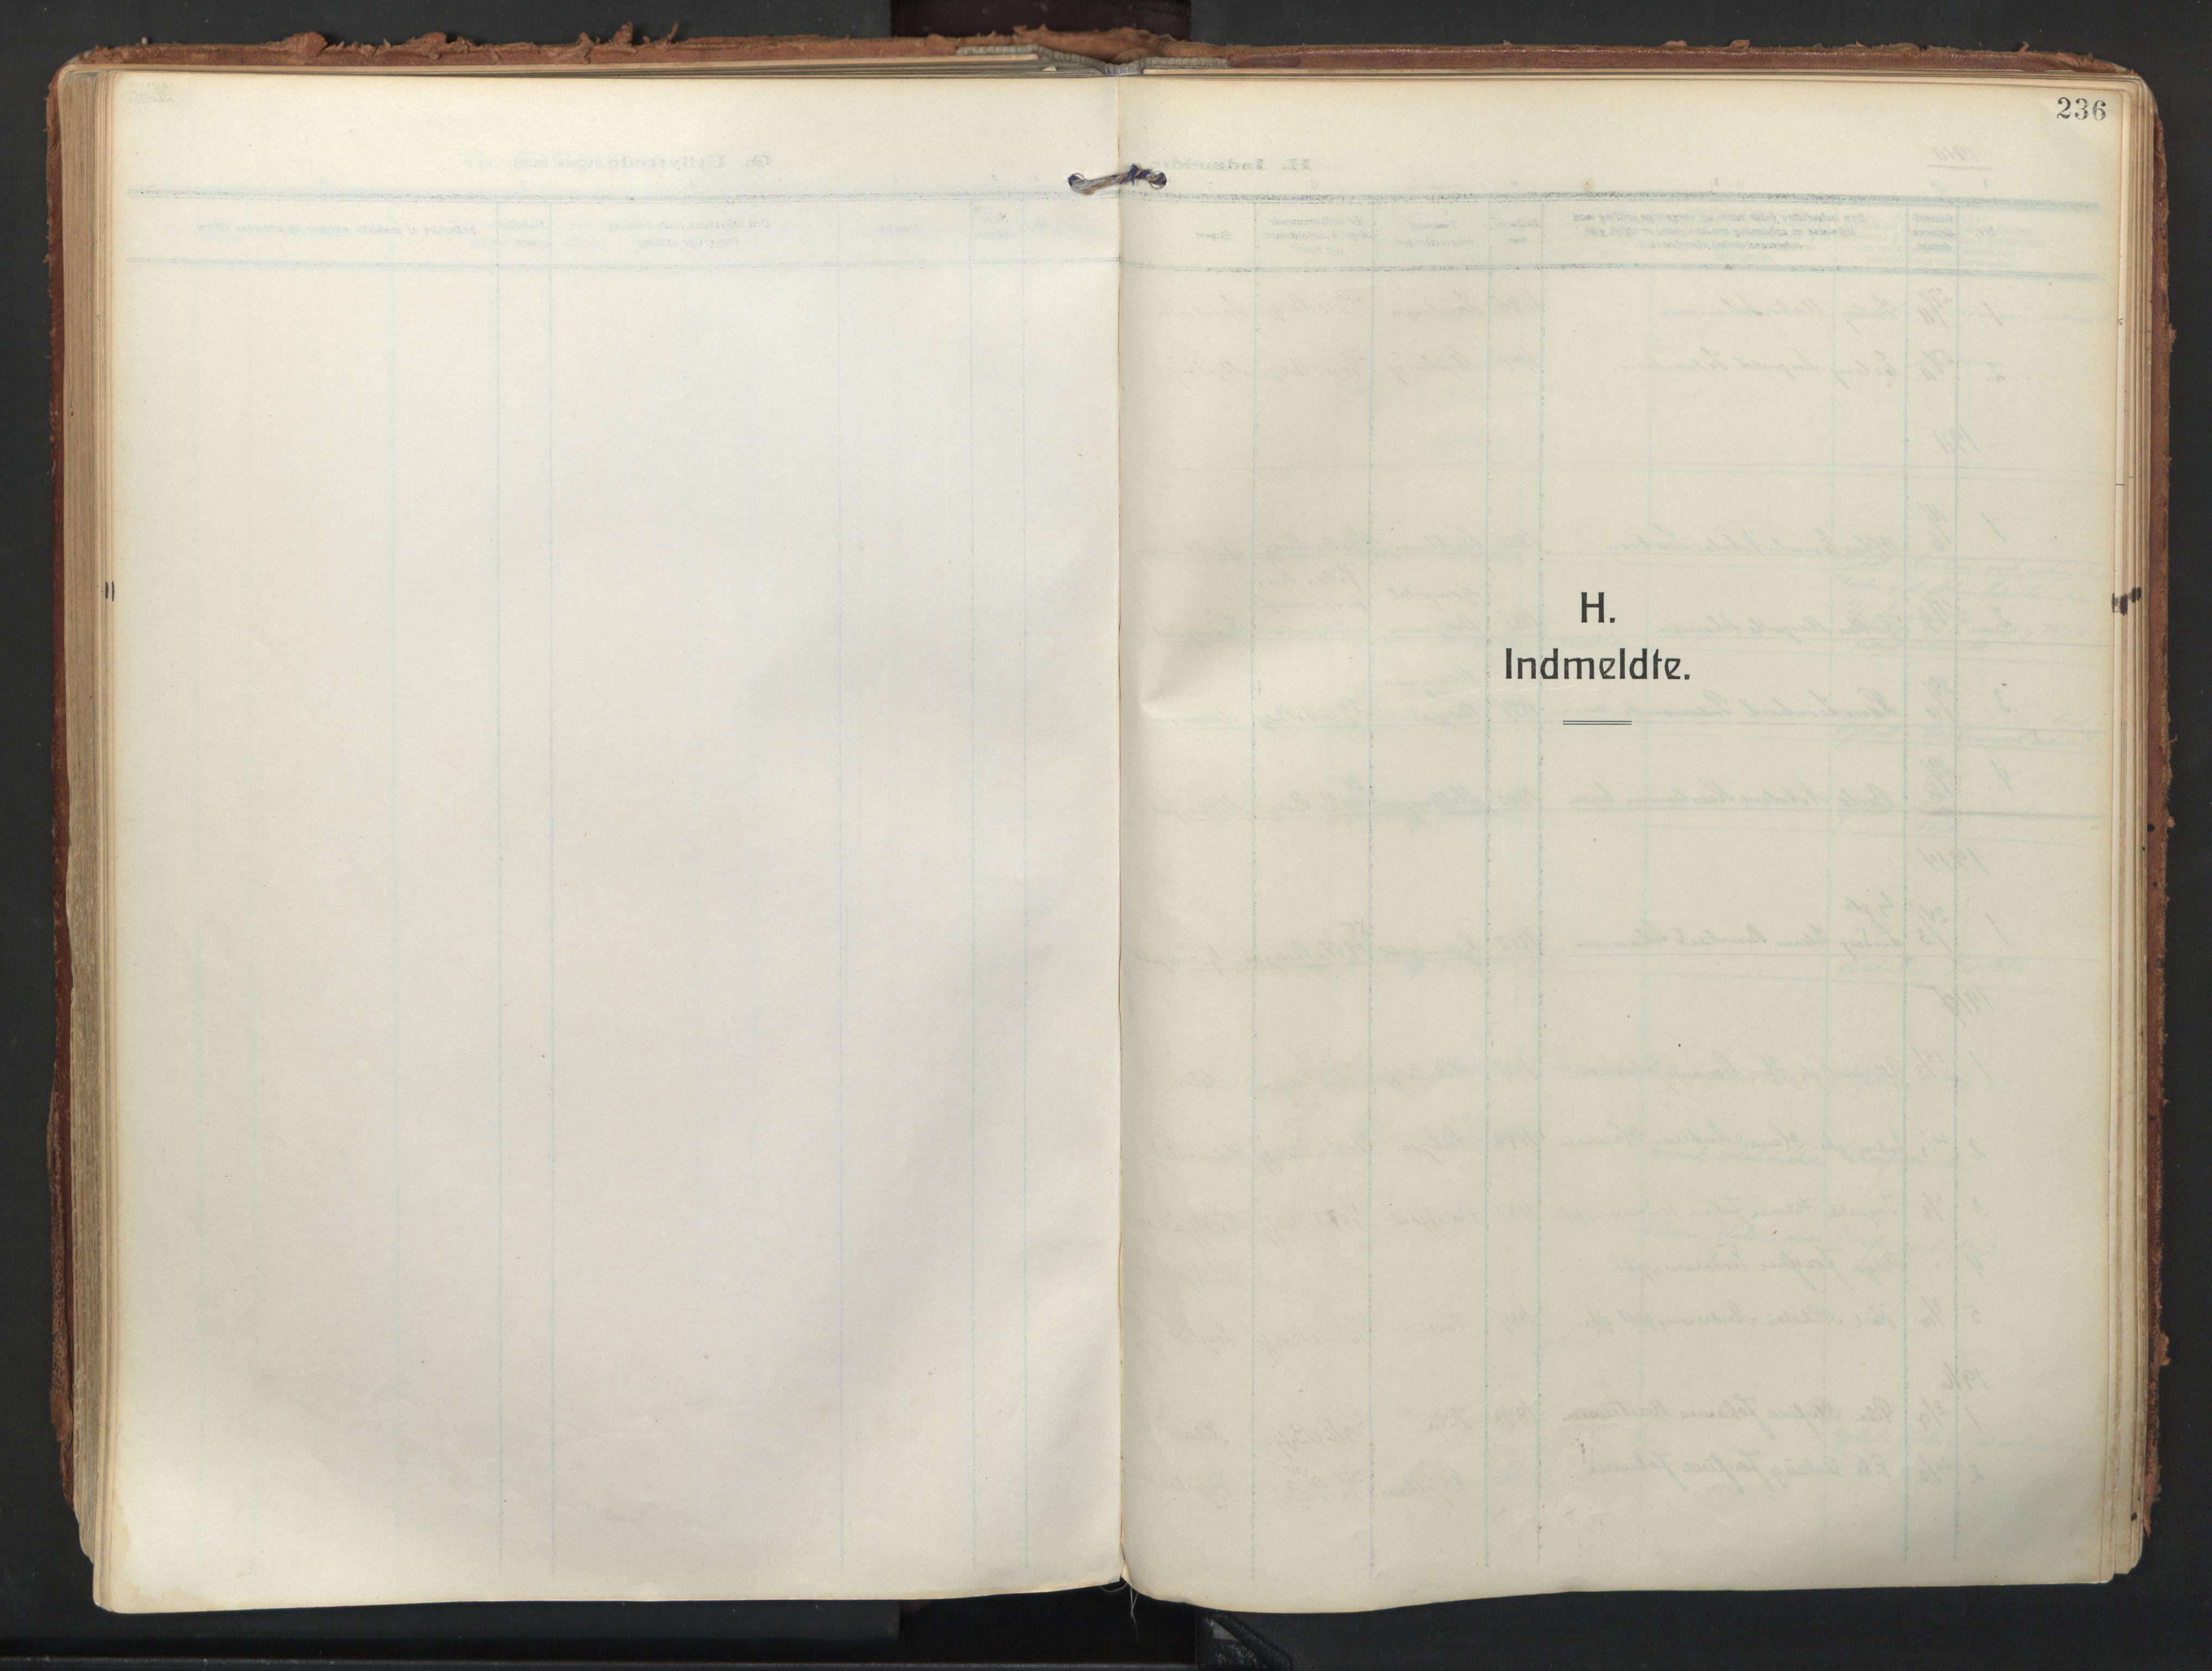 SATØ, Balsfjord sokneprestembete, Ministerialbok nr. 9, 1909-1921, s. 236